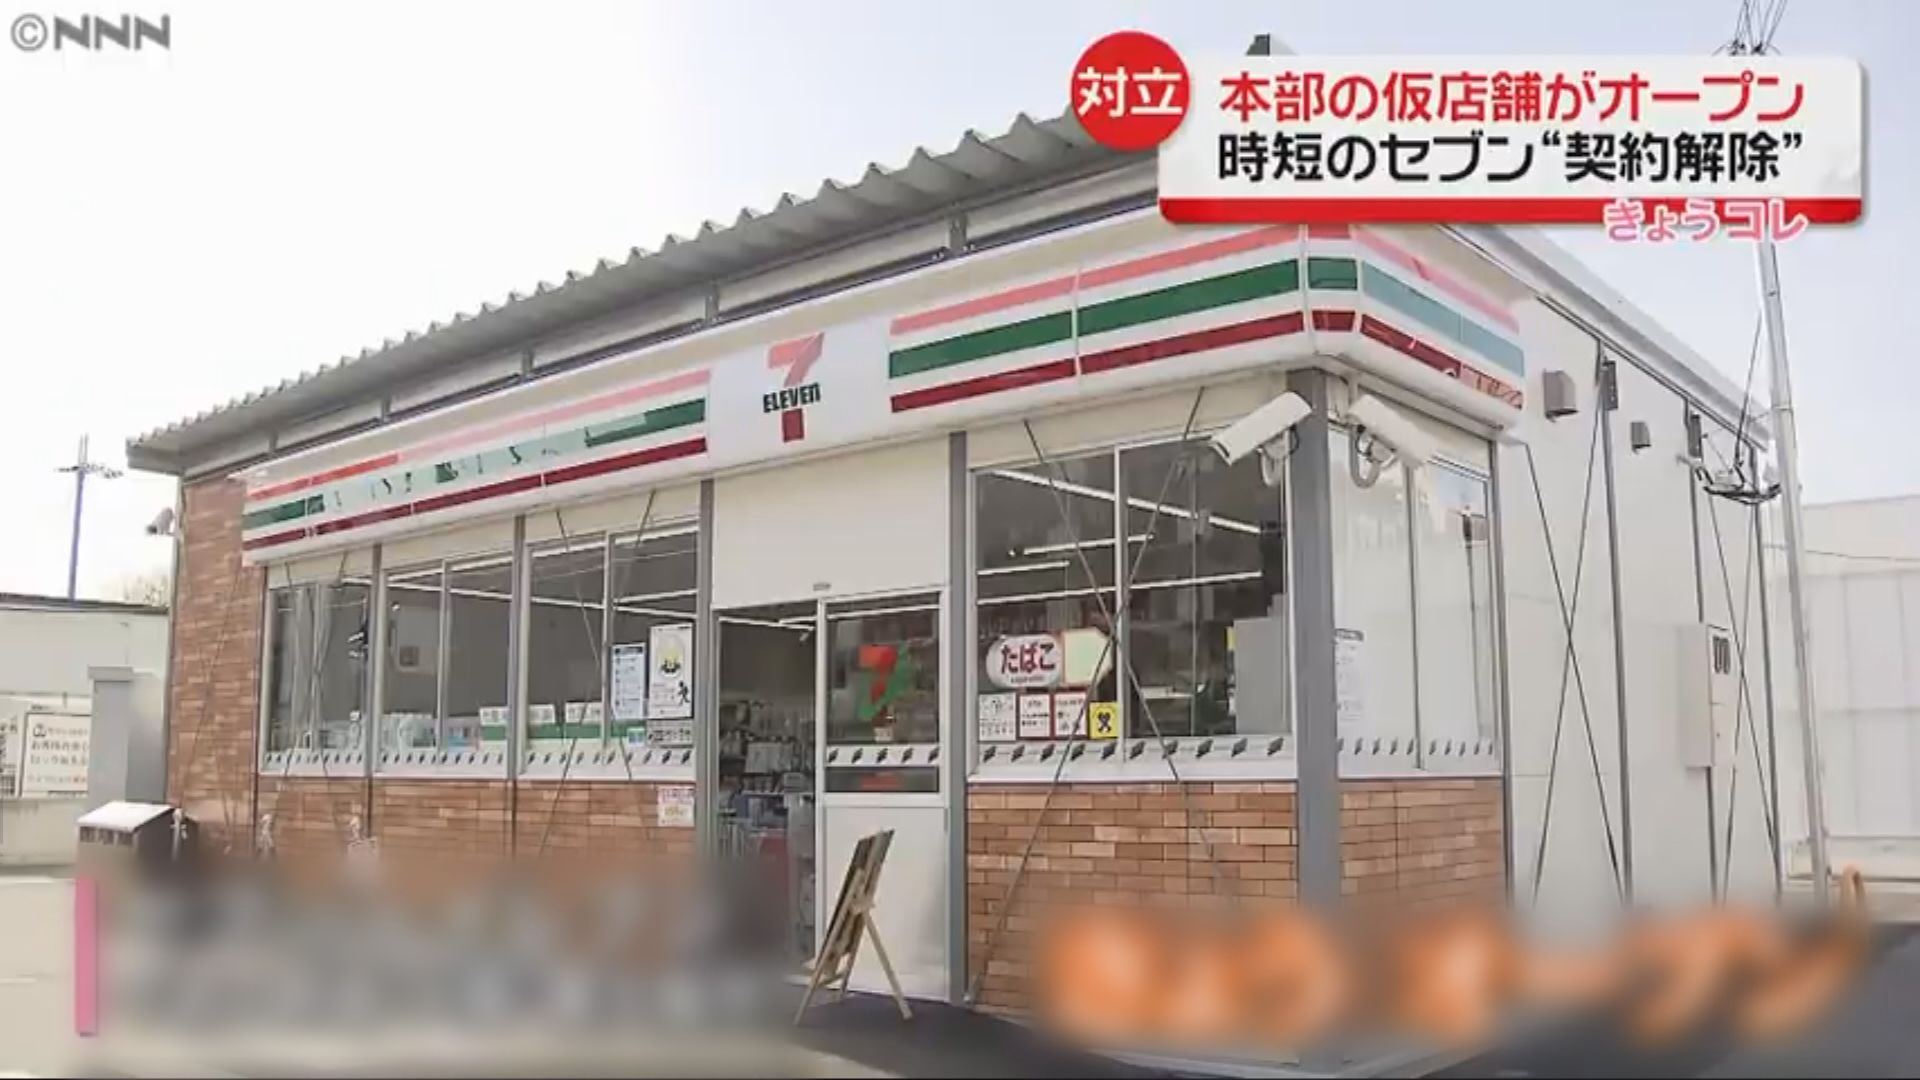 【環球薈報】日本大型便利店為外國員工安排生涯規劃